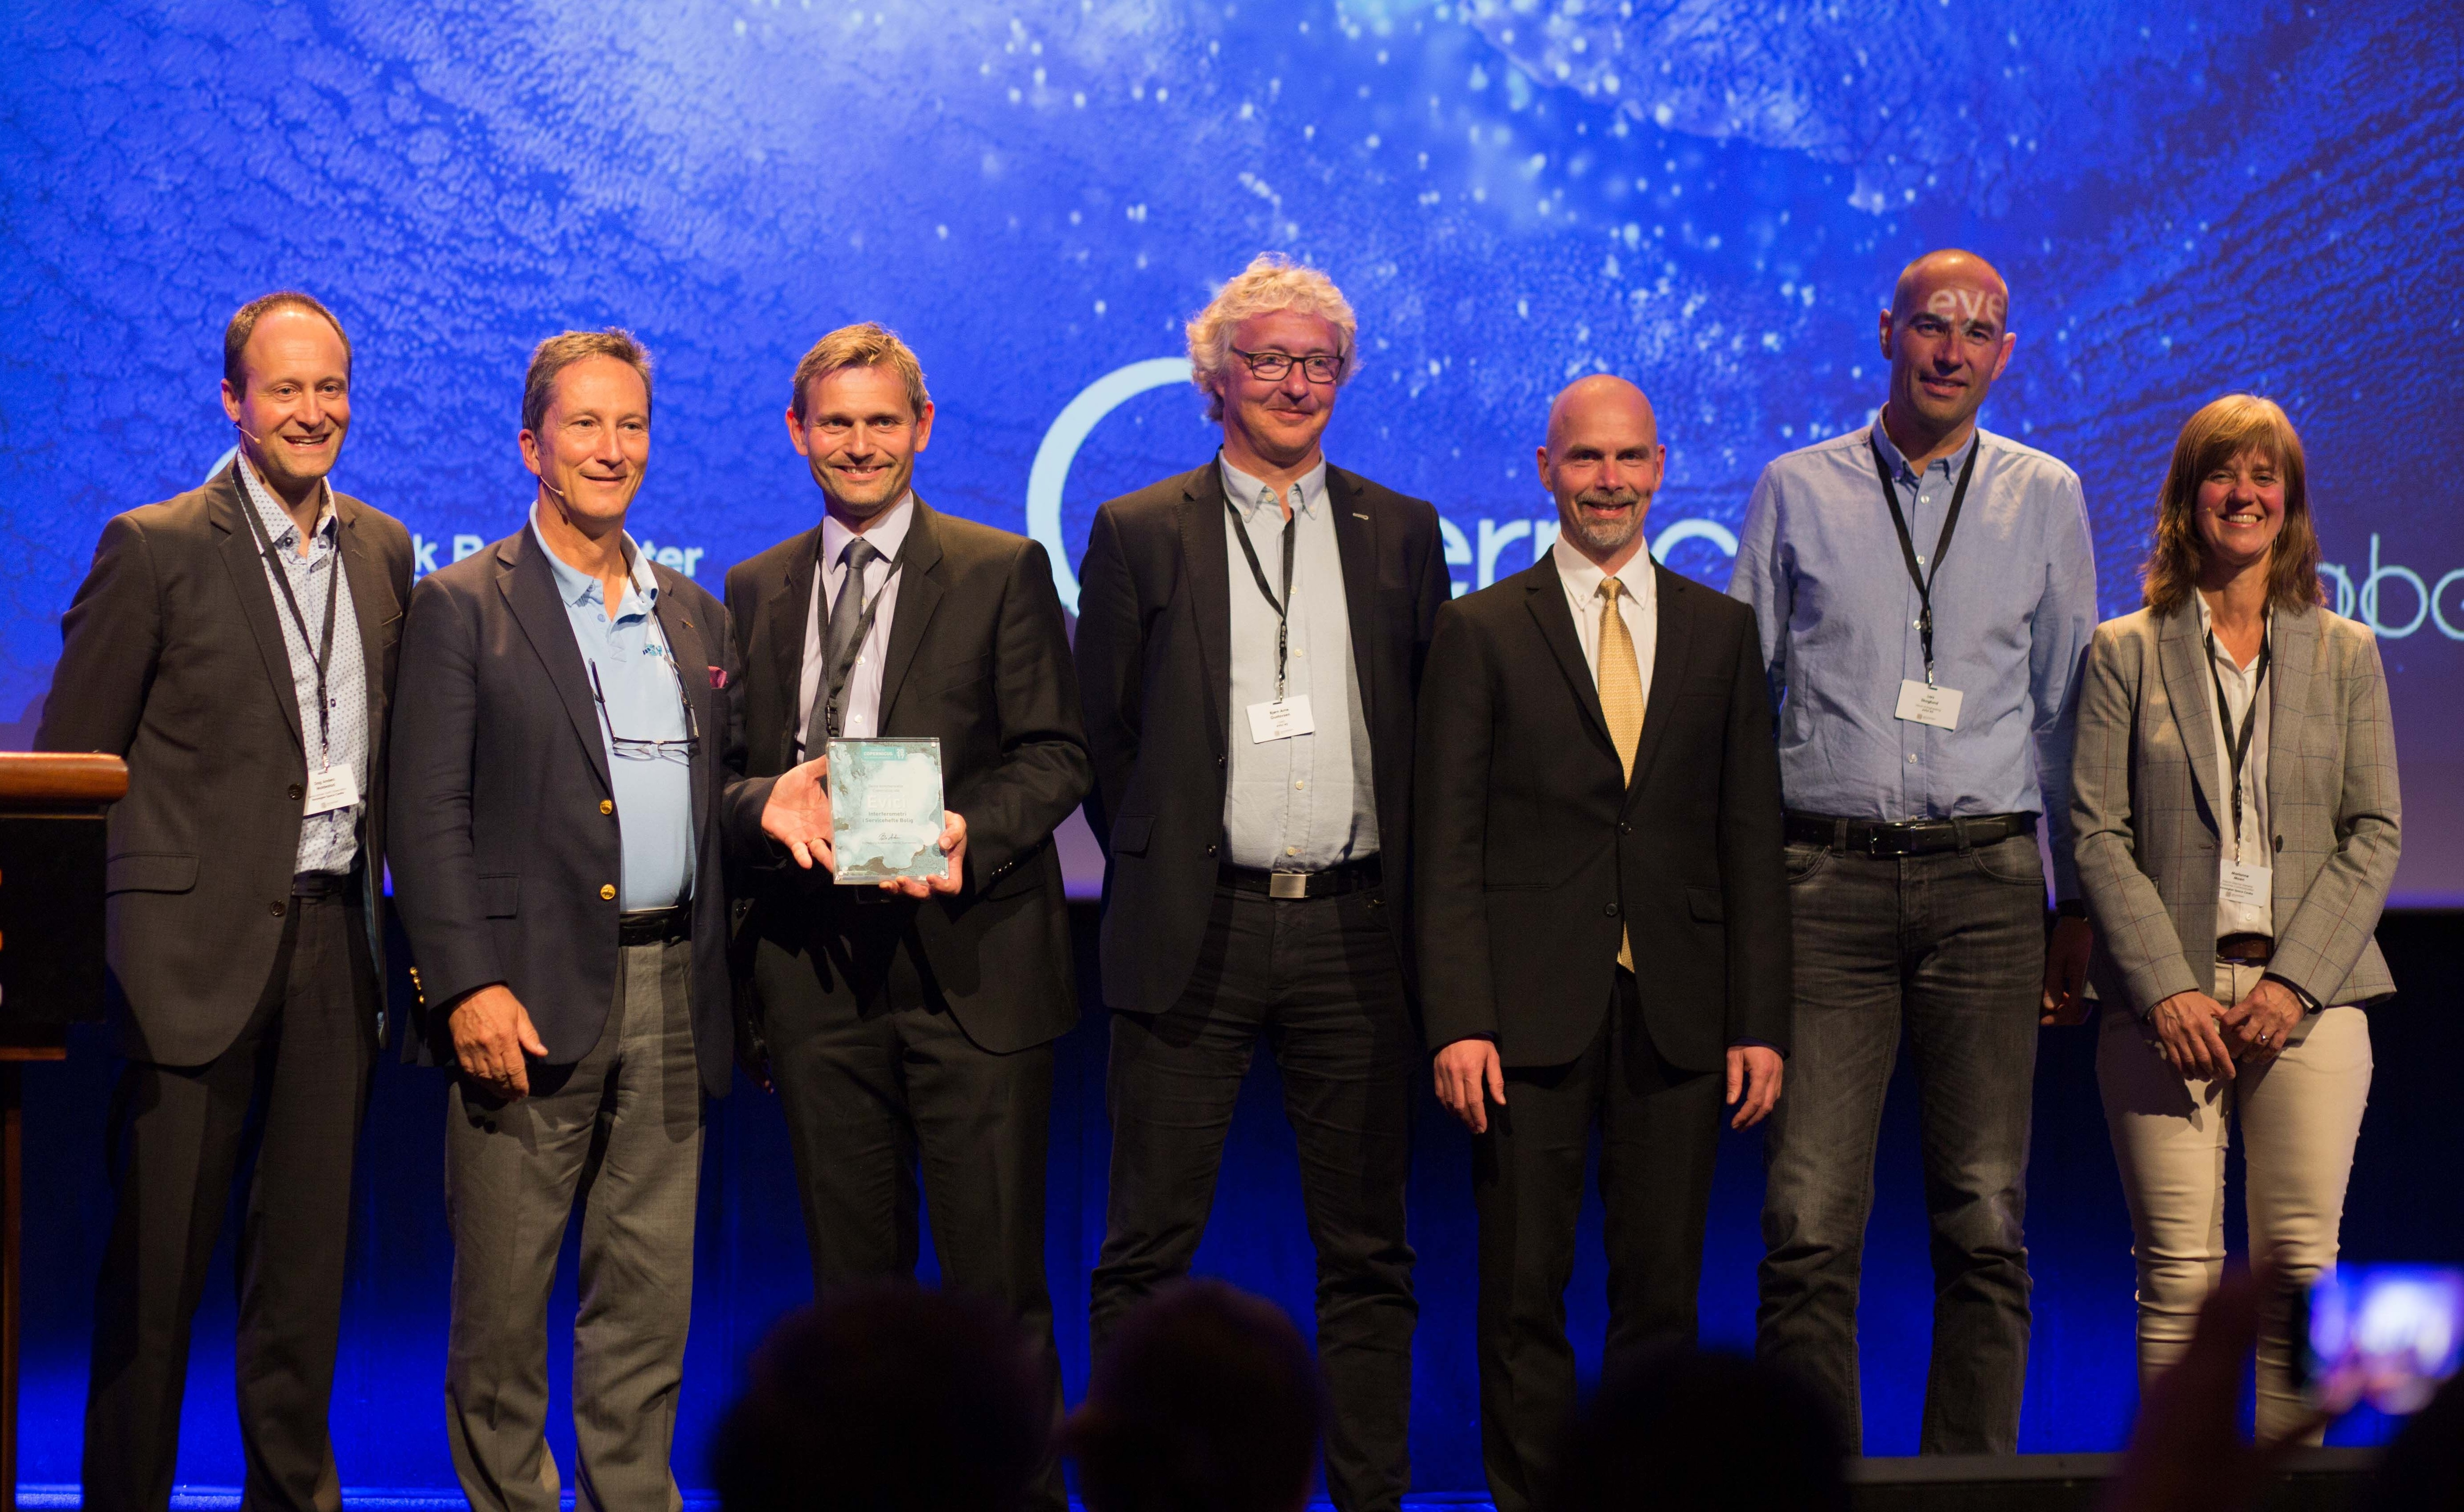 Fra utdelingen av Copernicus-prisen 2017. Fra venstre: Dag Anders Moldestad (Norsk Romsenter), Simon Jutz (ESA), Svein Krakk (eVici), Bjørn Arne Gustavsen (eVici), Joe Amundsen (eVici), Lars Skoglund (eVici), Marianne Moen (Norsk Romsenter). Foto: A. Rocha